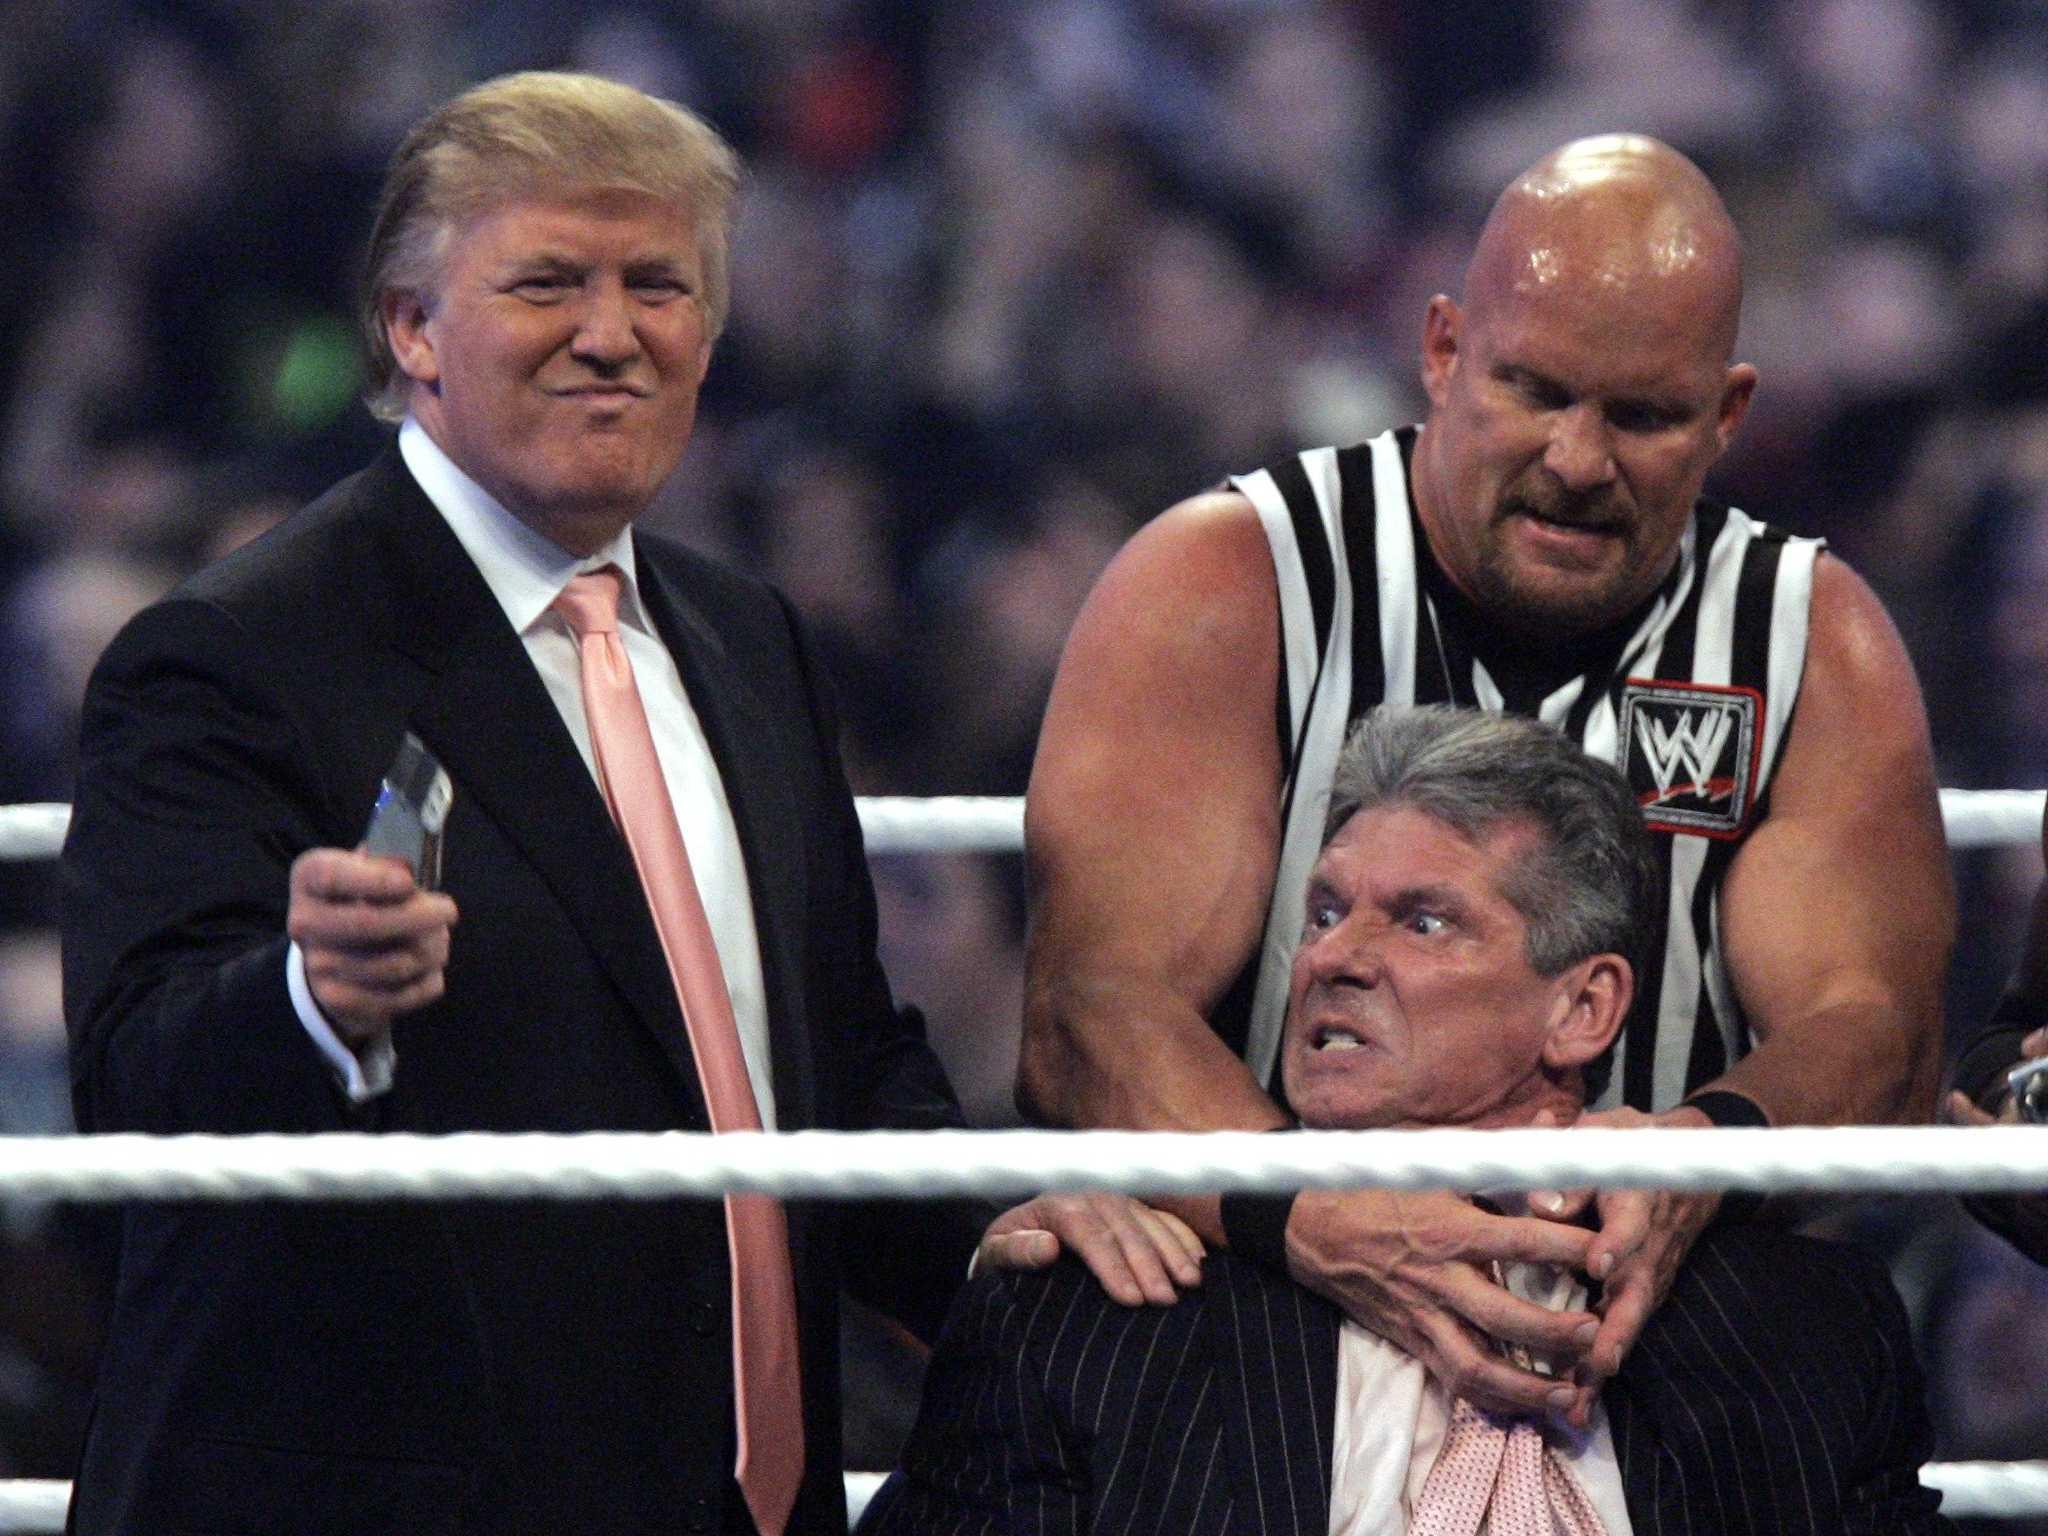 wrestling demonstration including Donald Trump